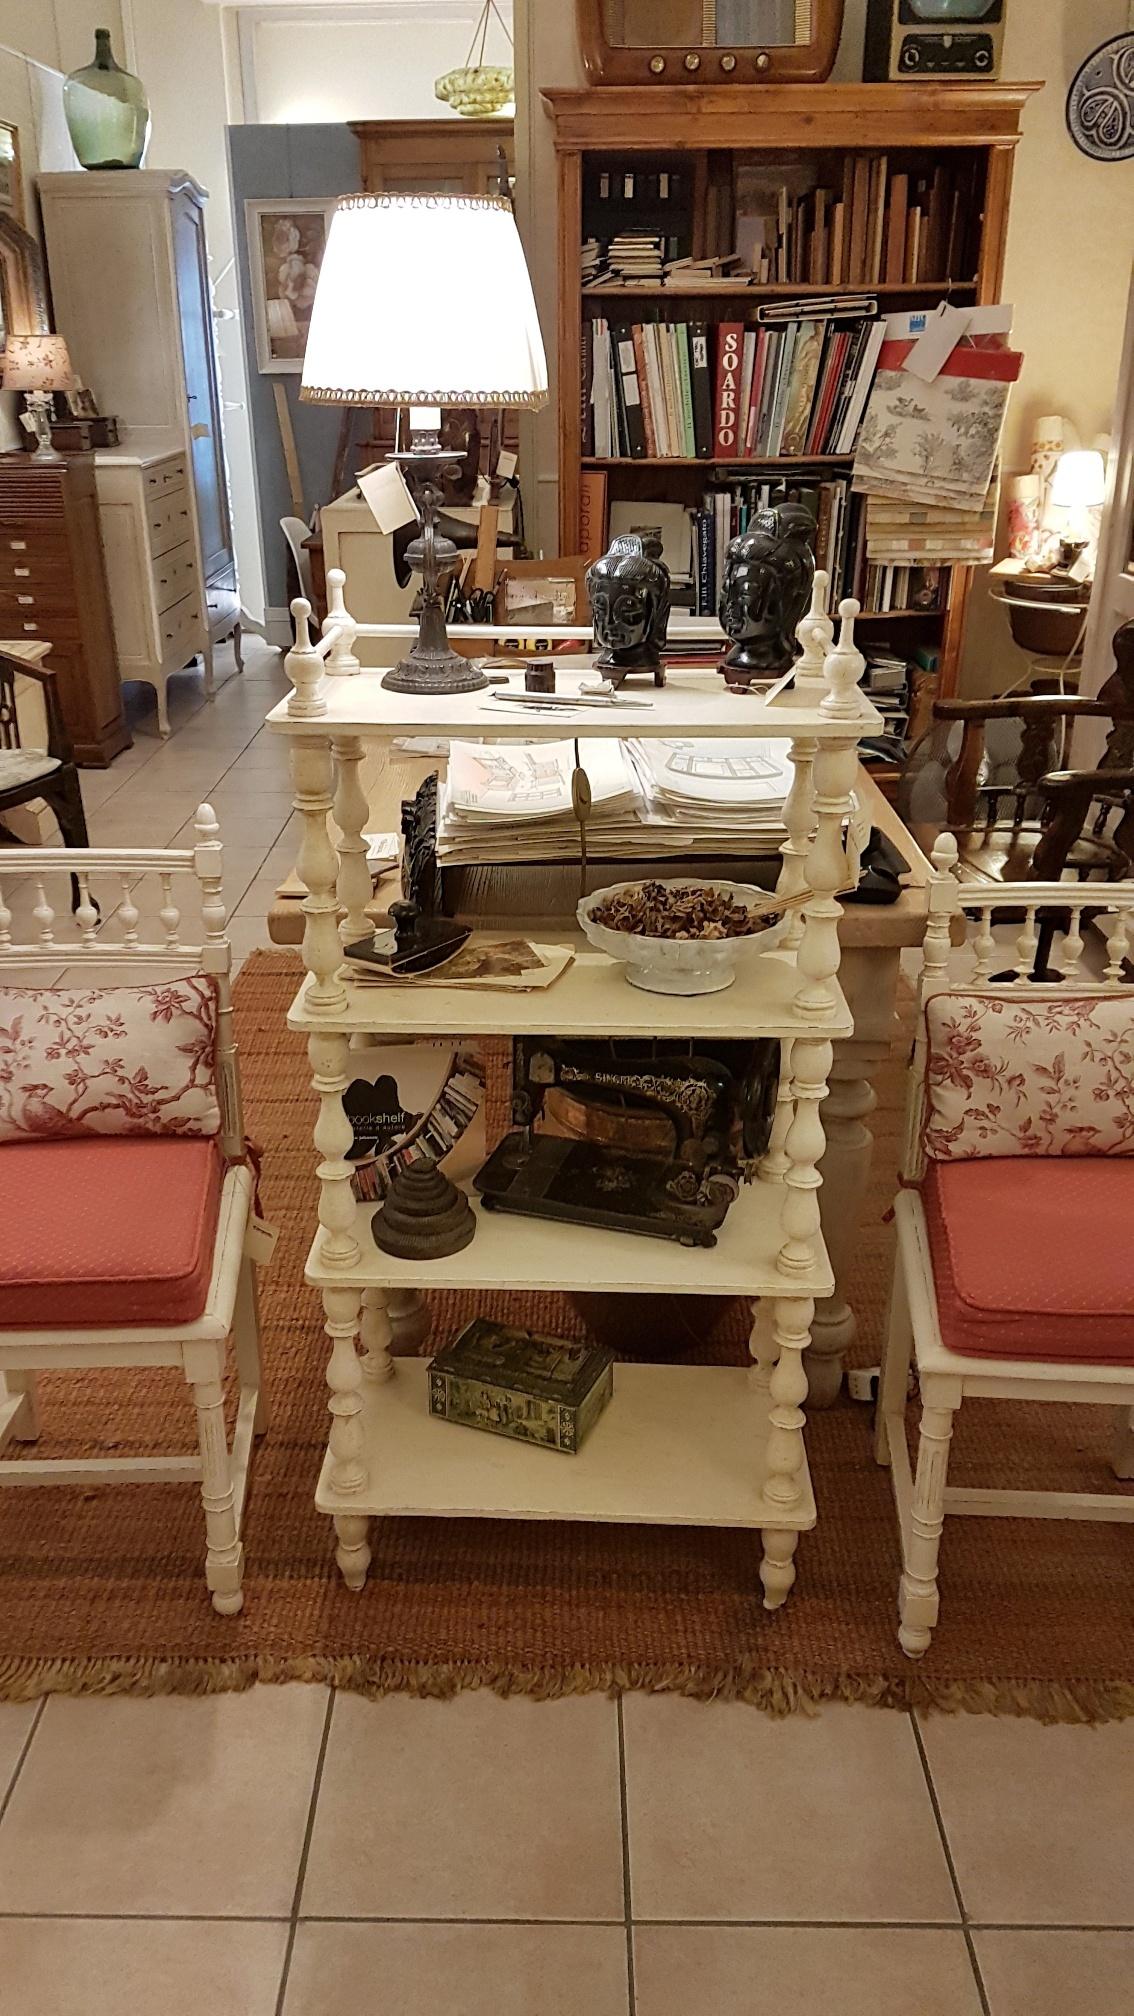 Arredamento mobili country su misura siena u firenze arredamento in stile with mobili stile inglese - Mobili bagno stile inglese ...